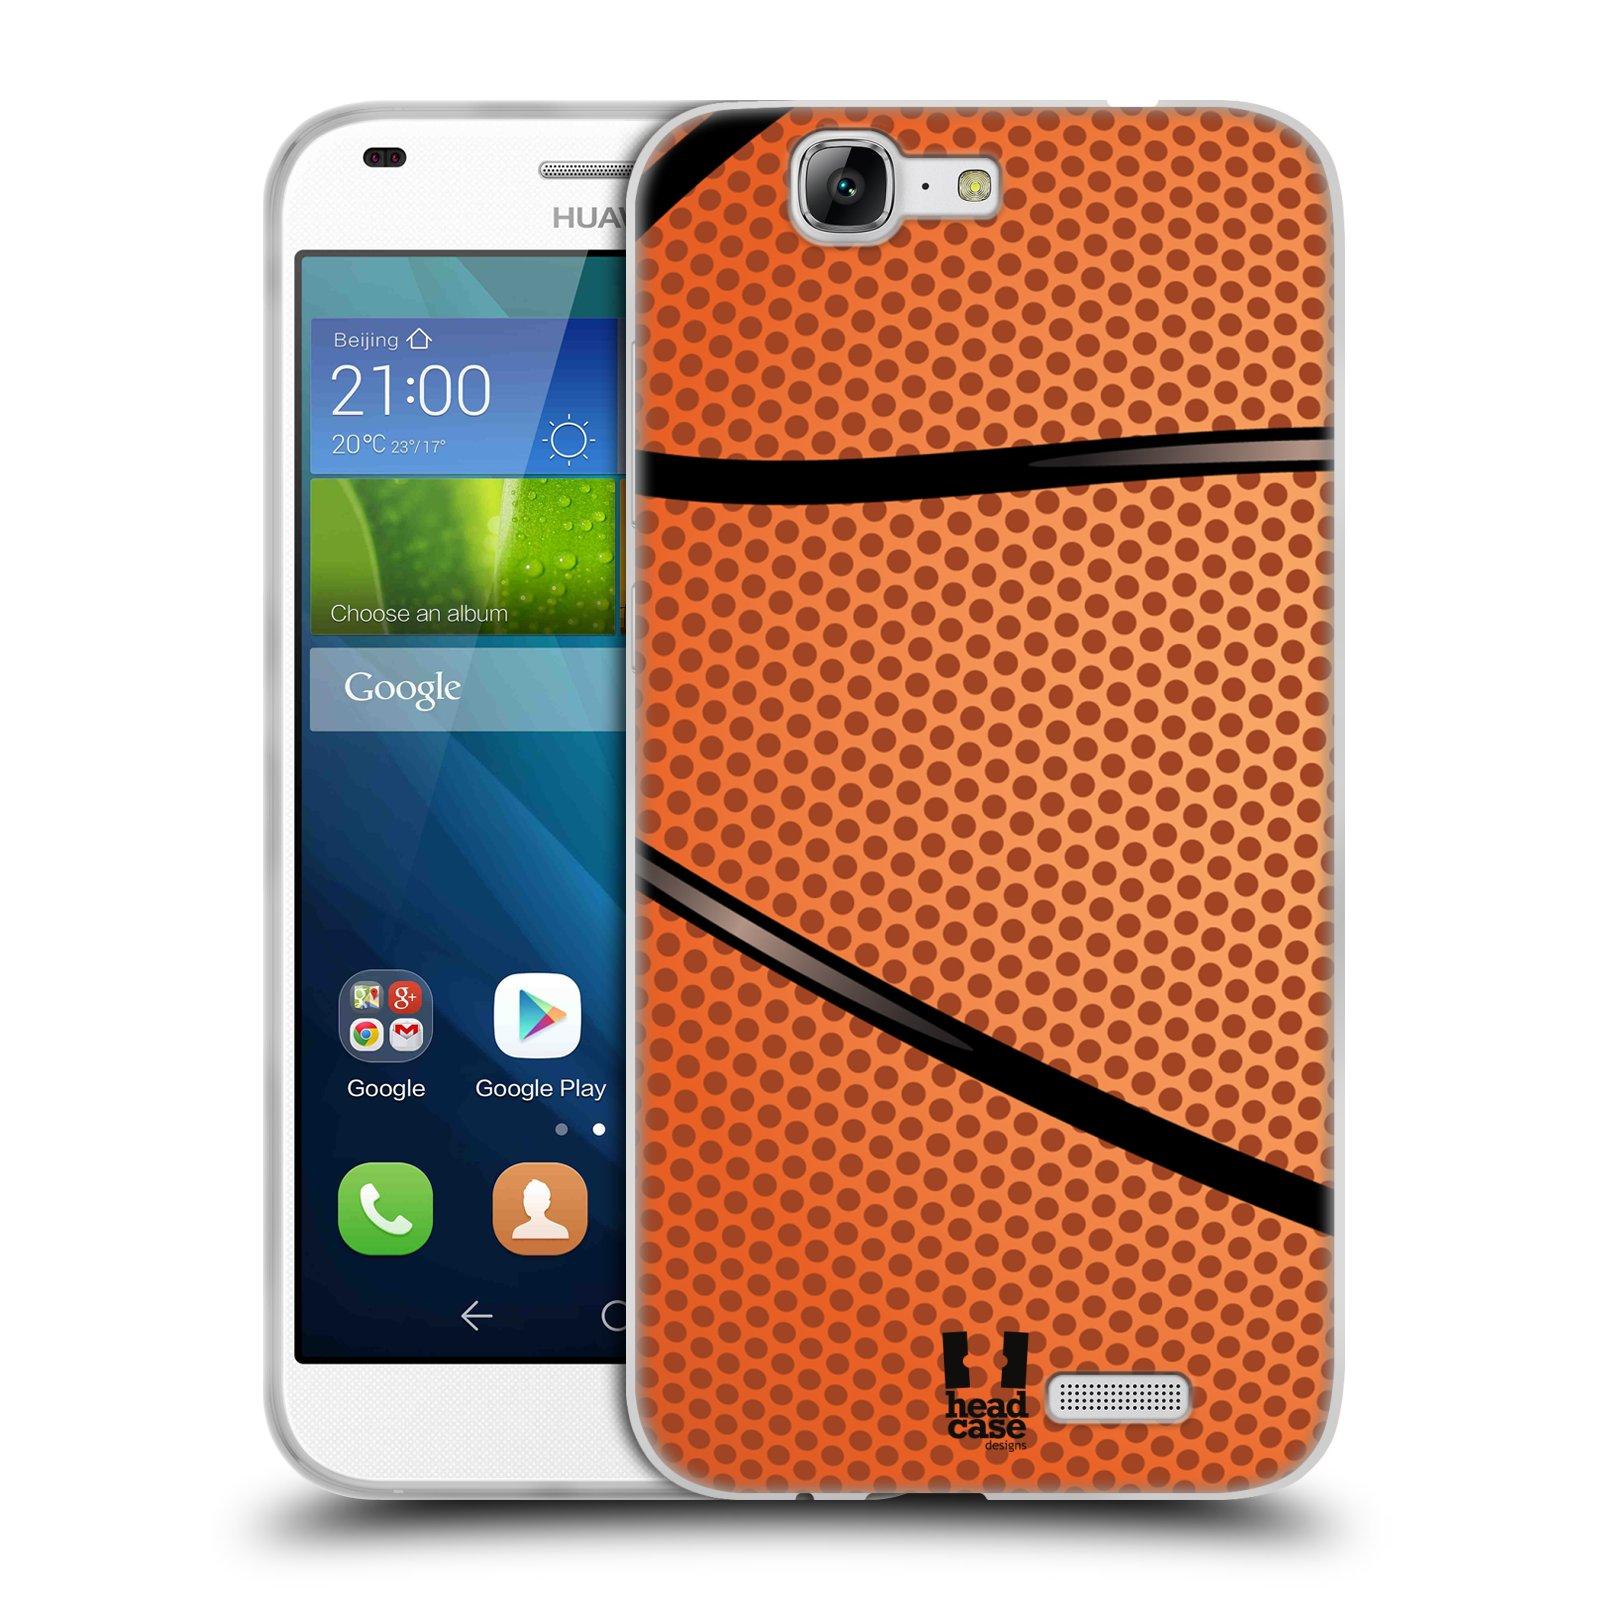 Silikonové pouzdro na mobil Huawei Ascend G7 HEAD CASE BASKEŤÁK (Silikonový kryt či obal na mobilní telefon Huawei Ascend G7)